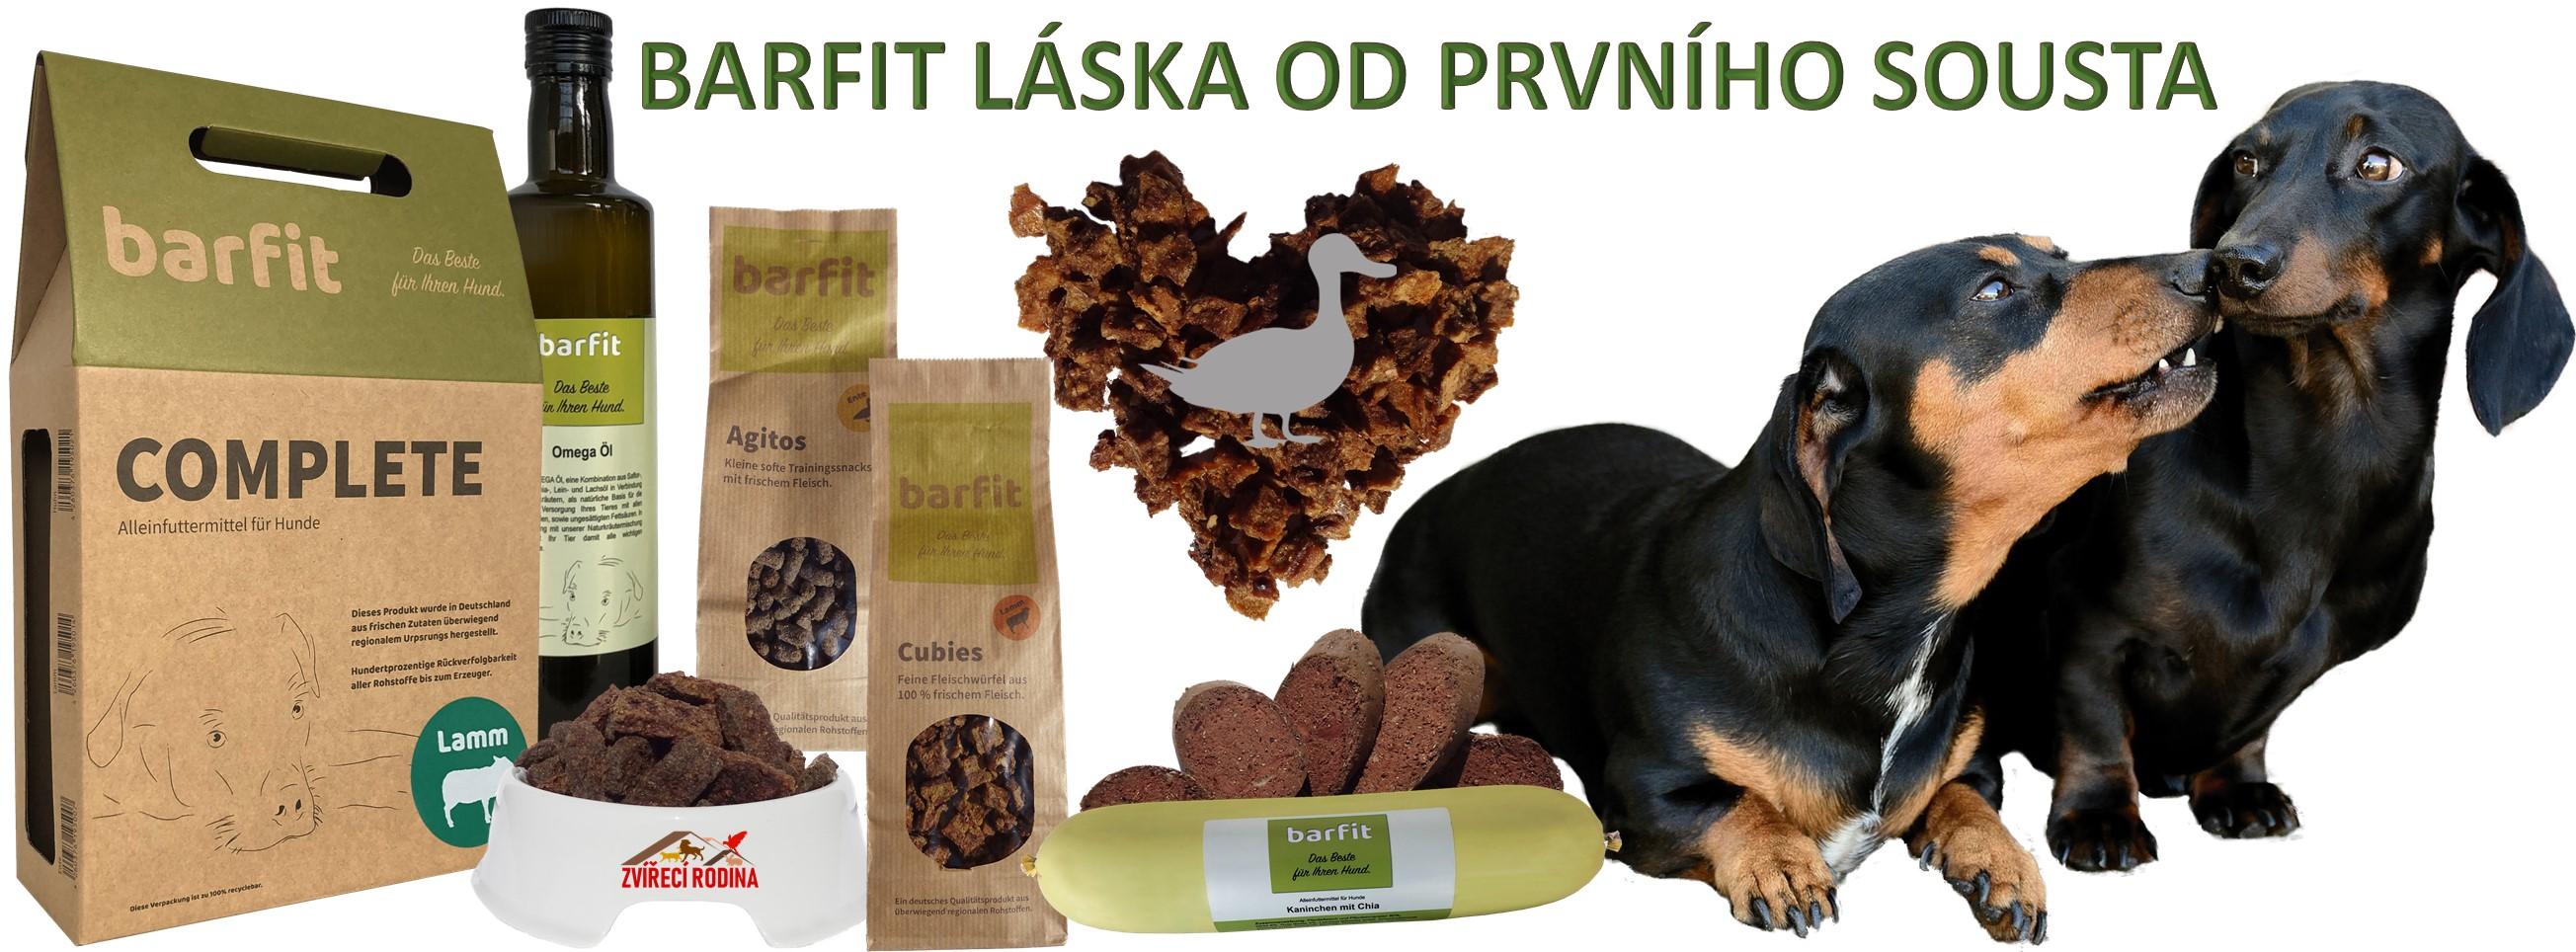 kompletní sušená barf krmiva, pamlsky a oleje pro psy